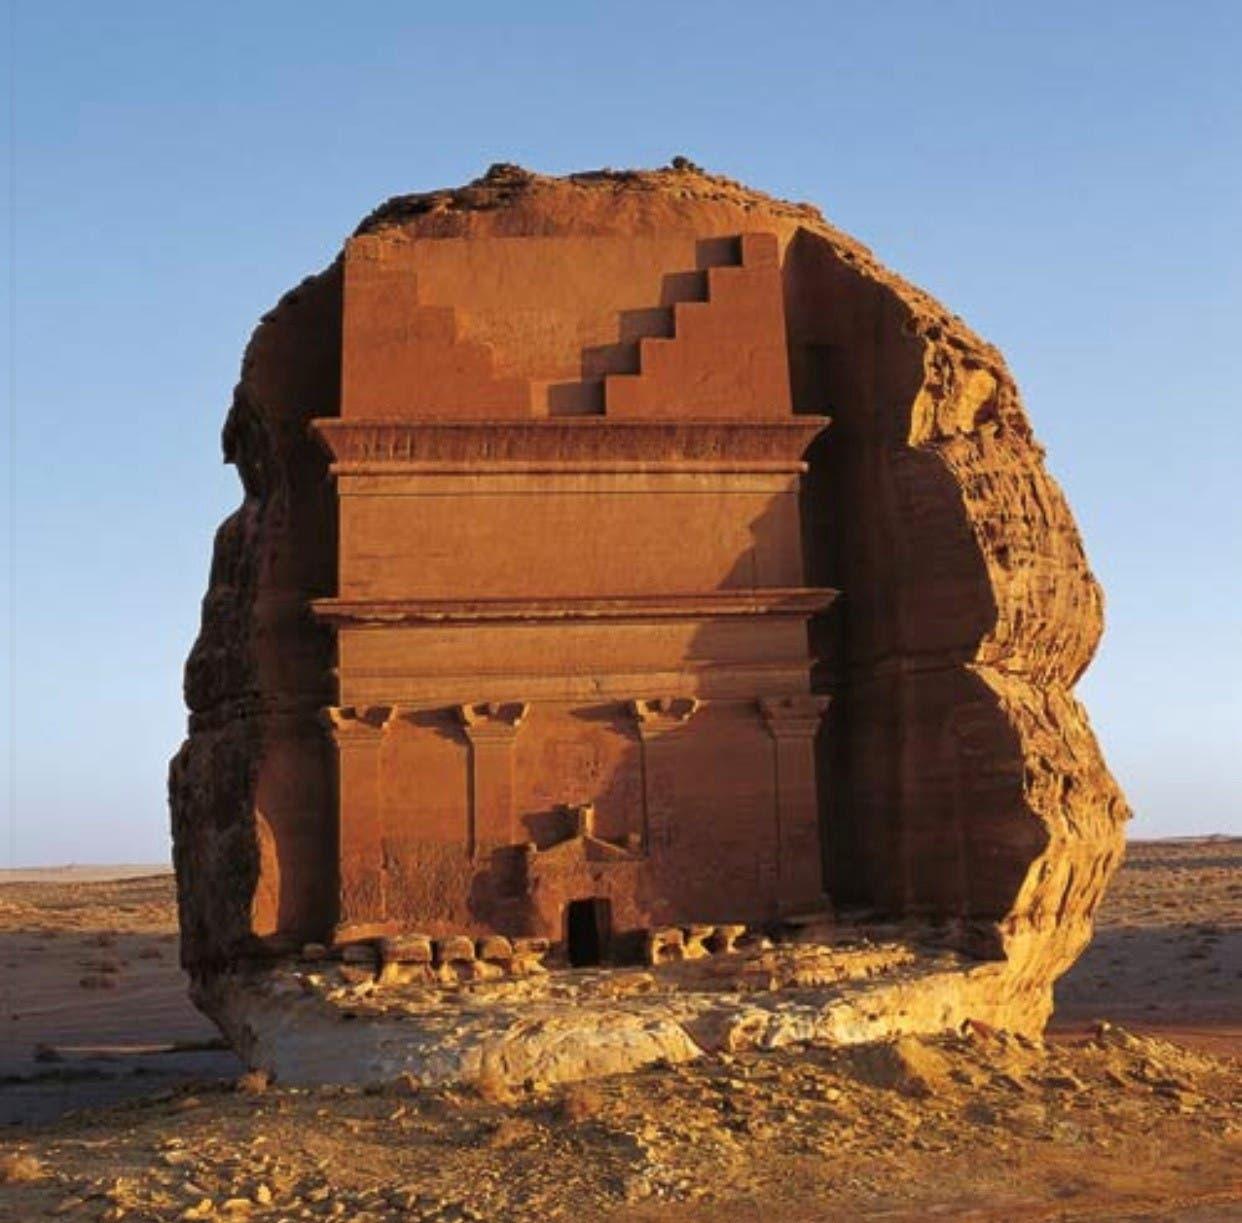 العلا أكبر مدينة أثرية بعدد الواجهات الصخرية